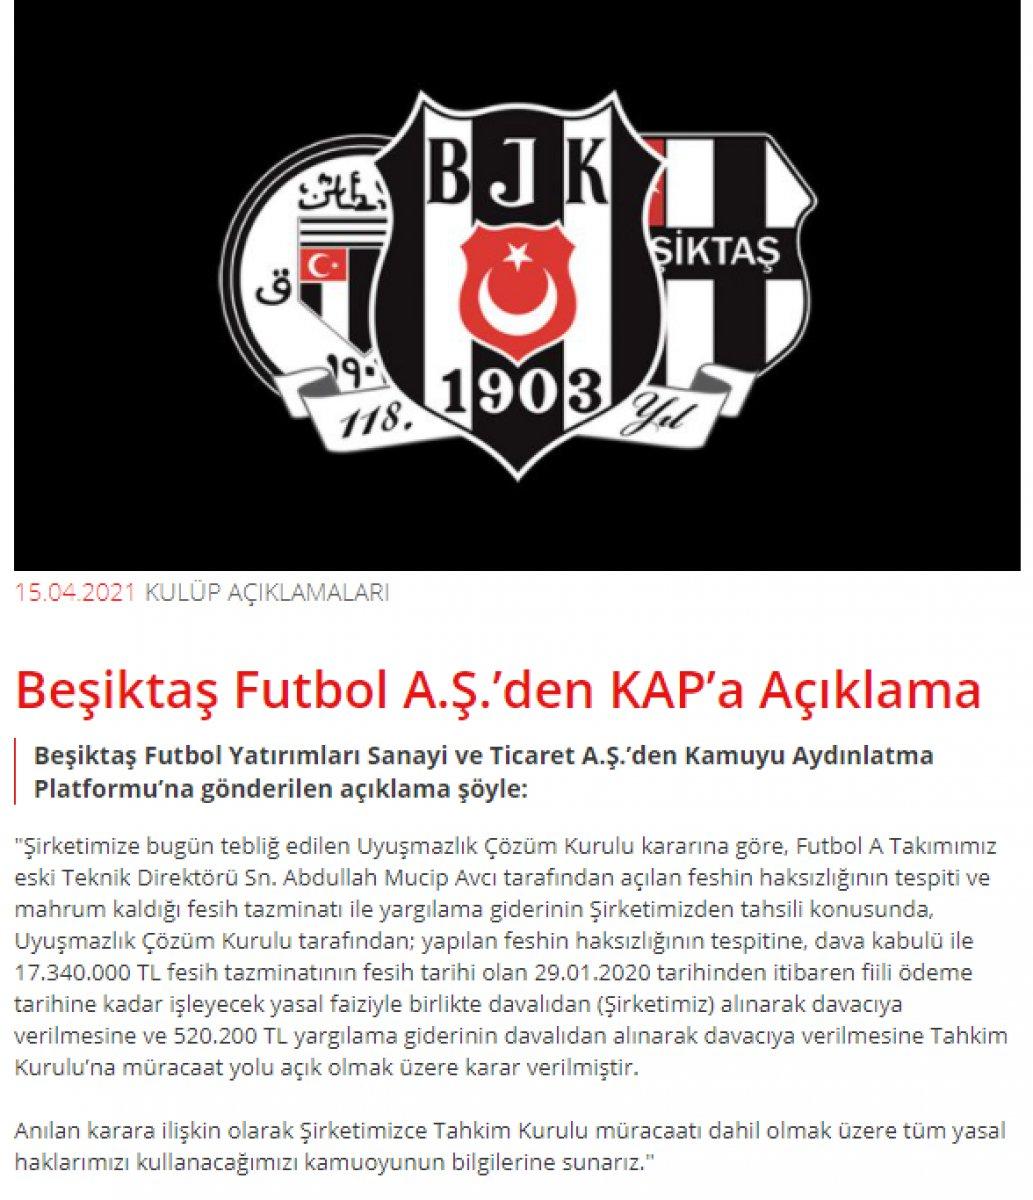 Beşiktaş tan Abdullah Avcı nın sözleşme feshine dair açıklama #2